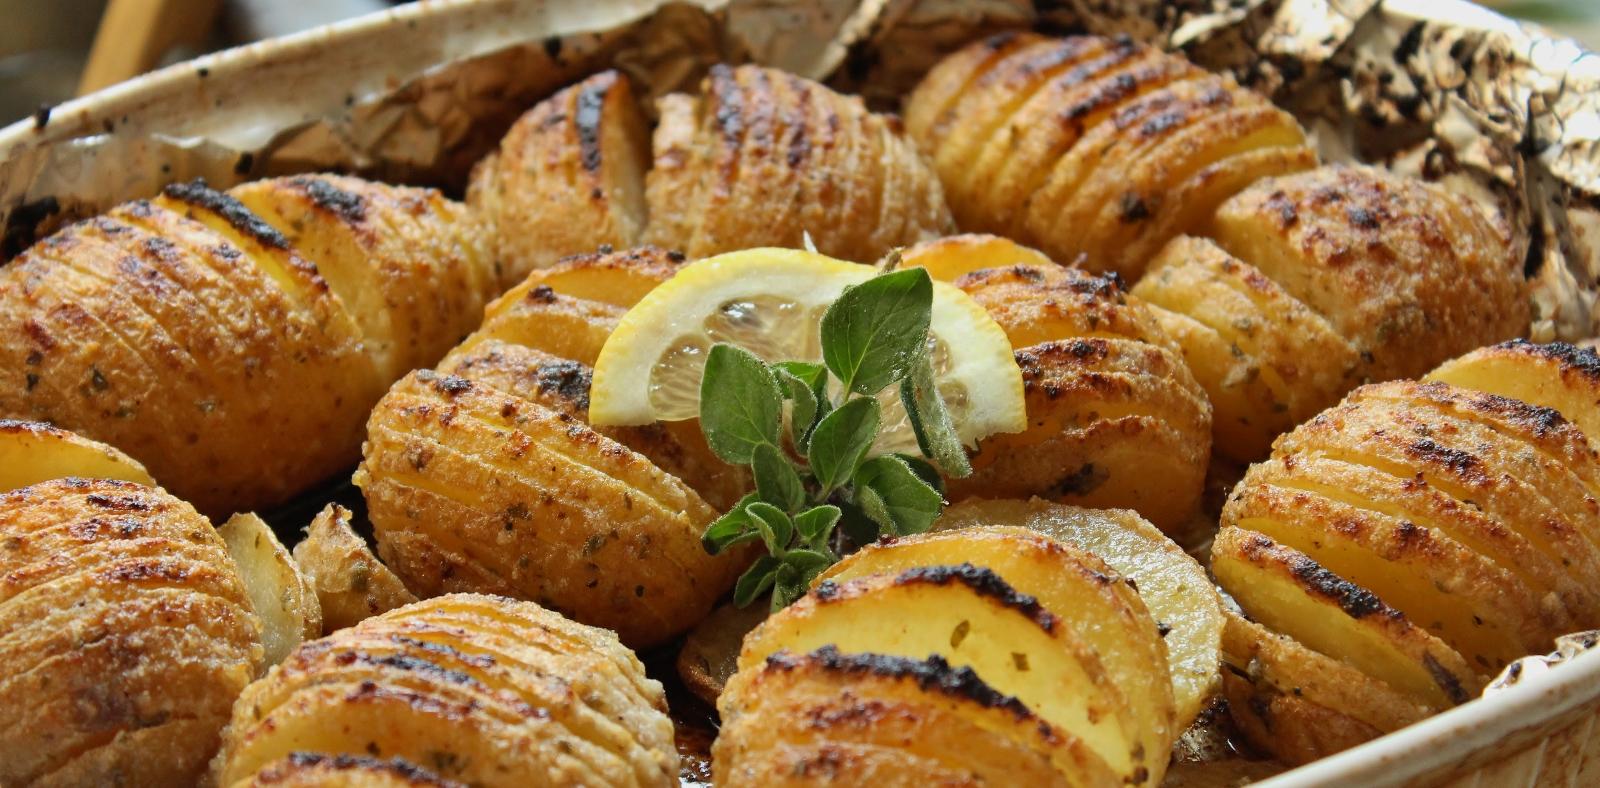 patates hasselback citron et origan (1600x788)